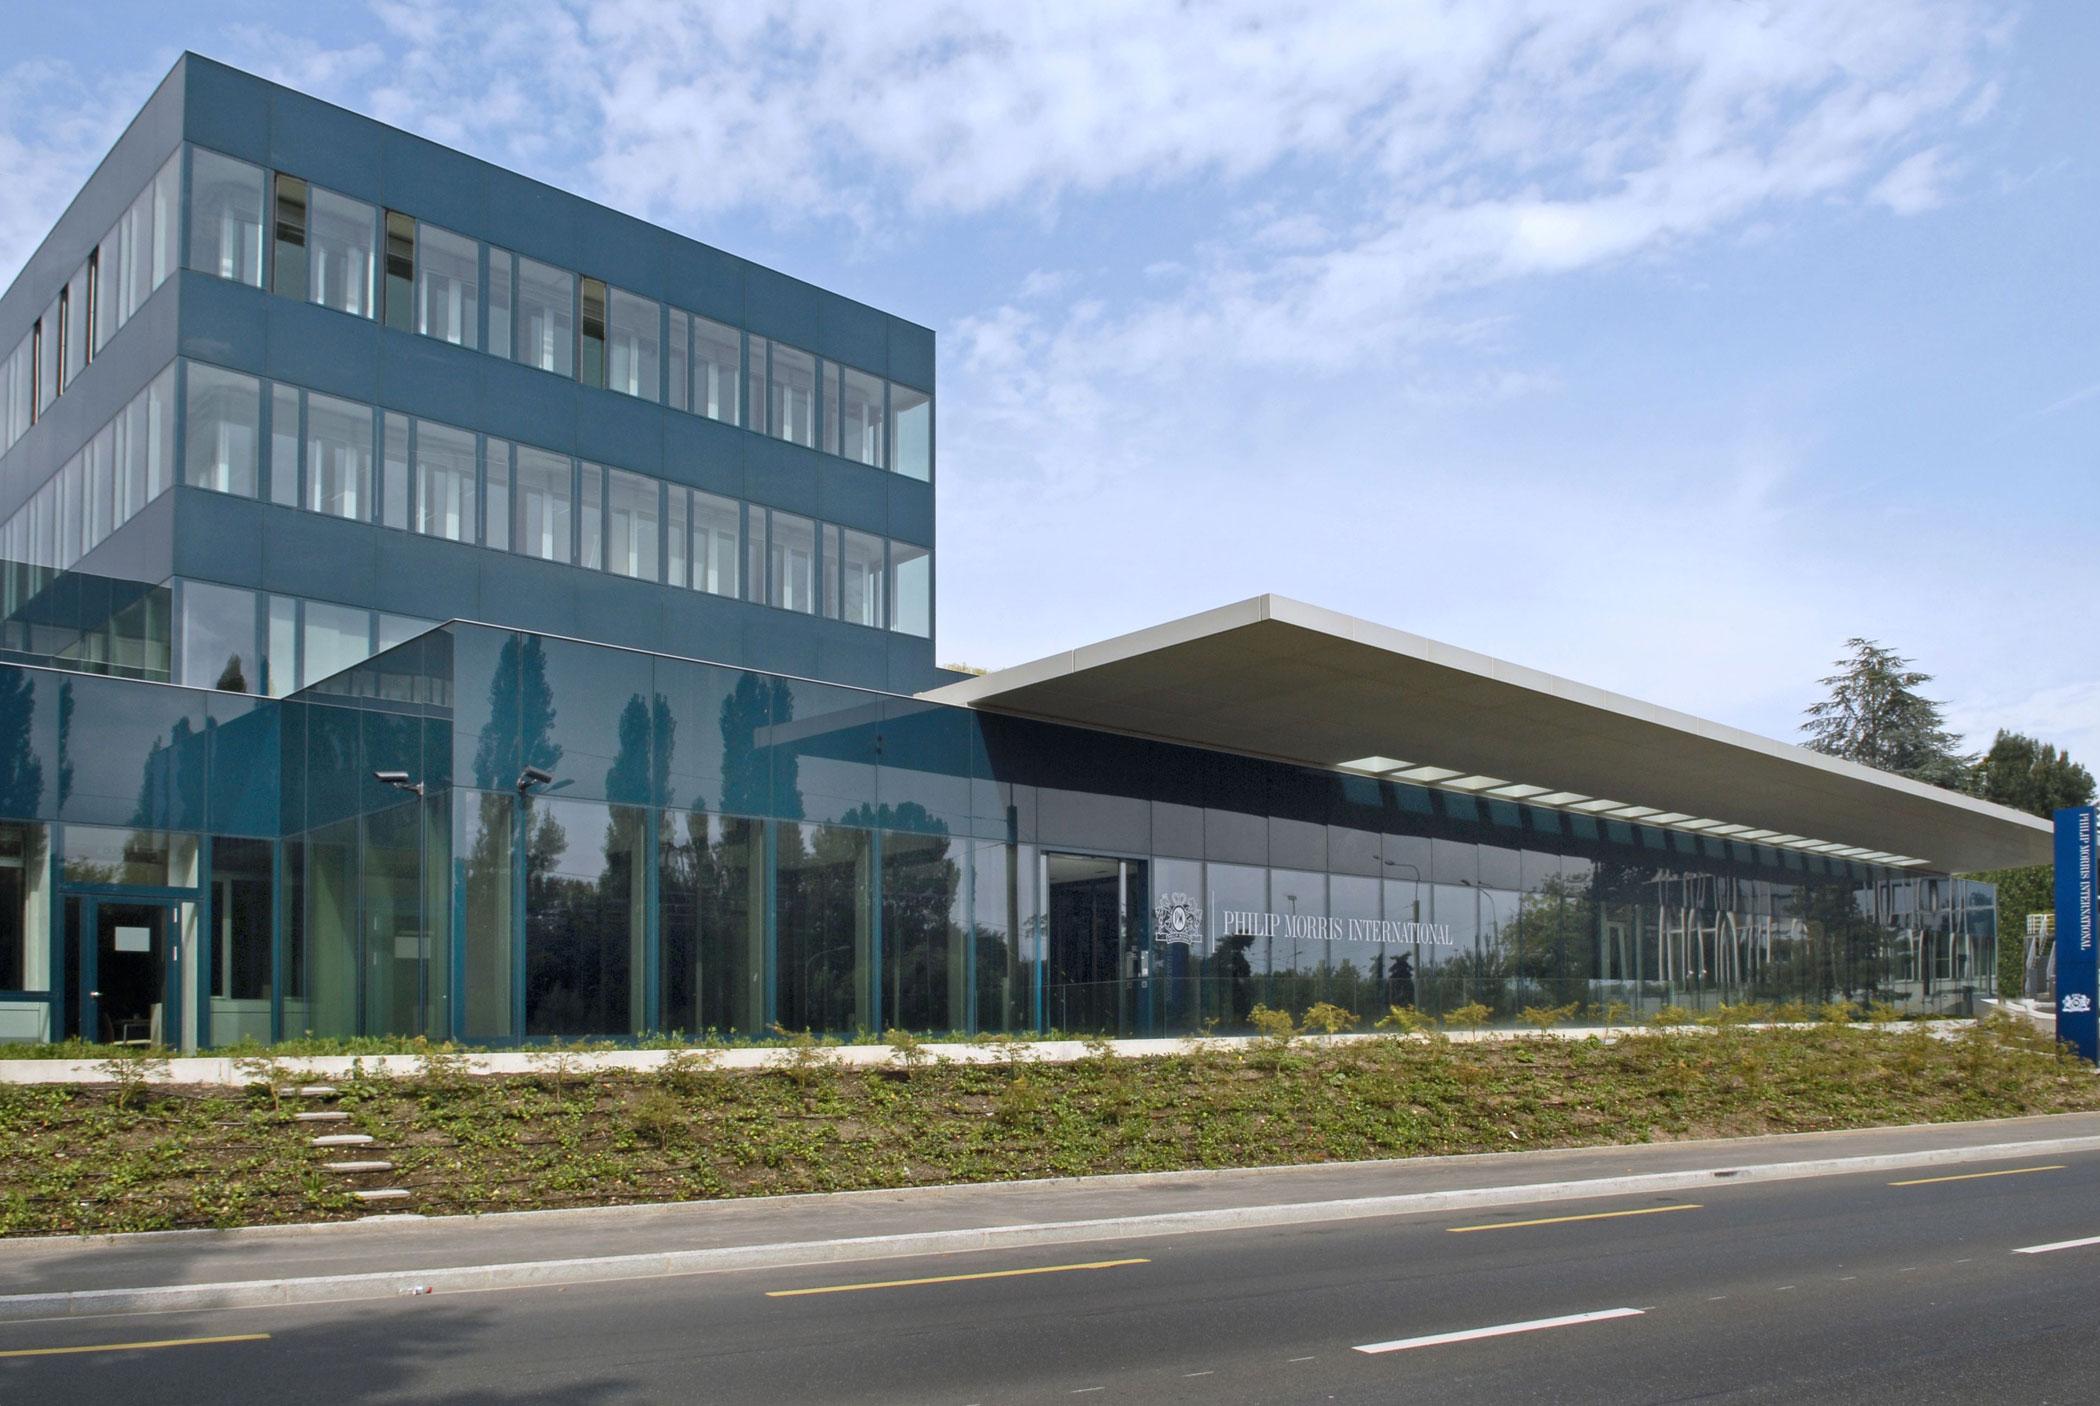 Philip Morris building.